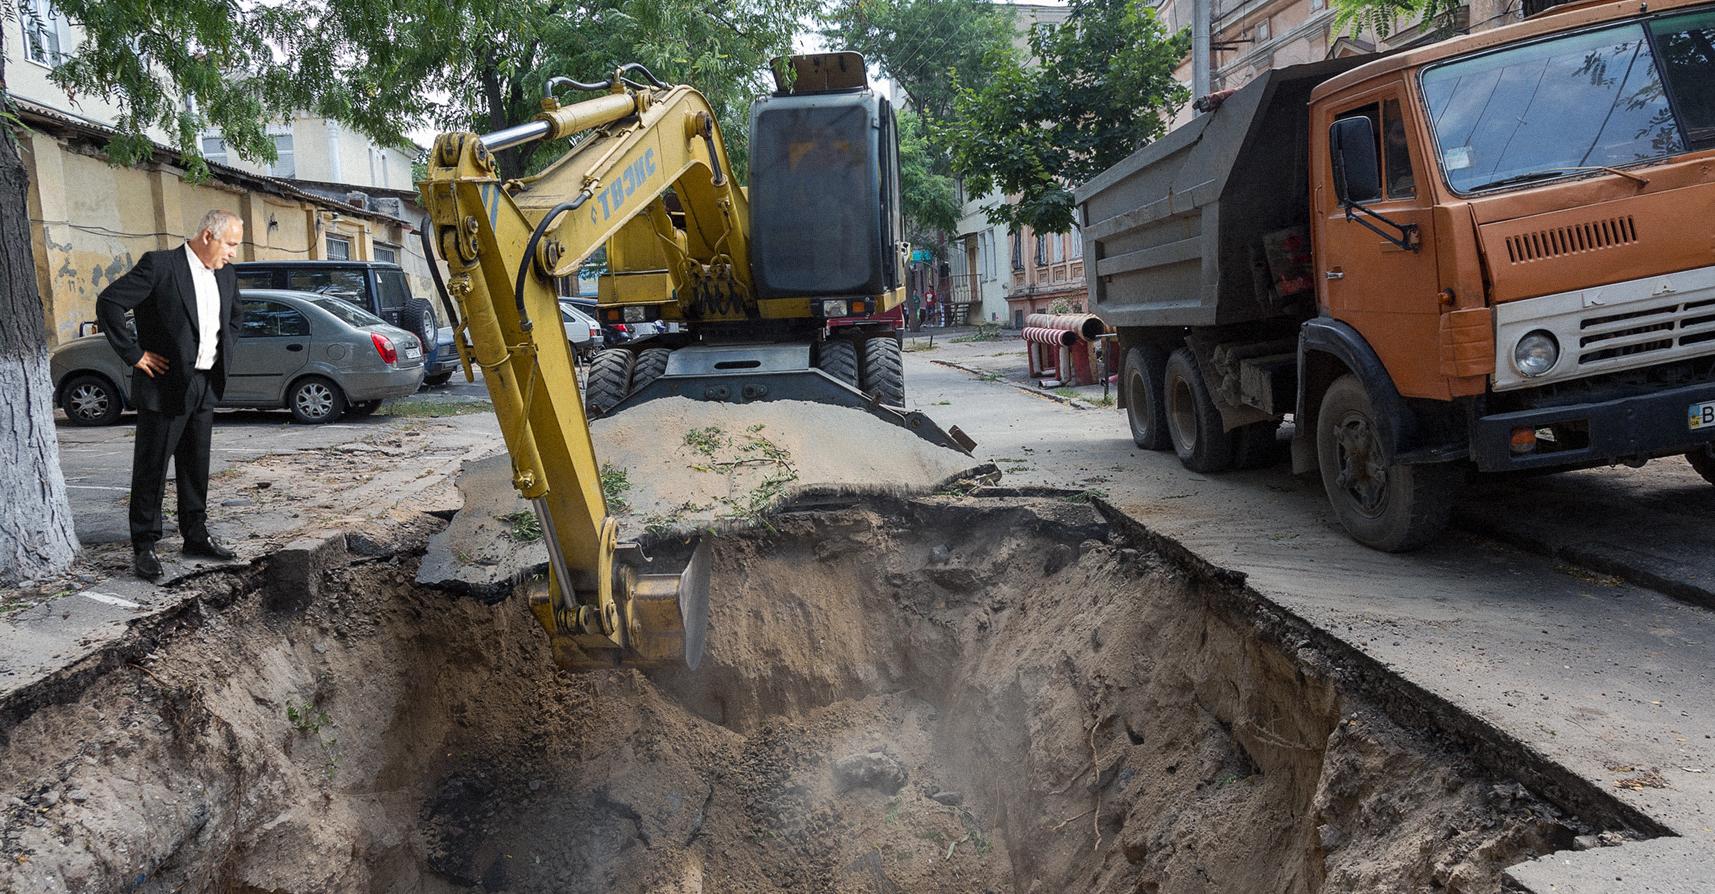 صورة البلدية تحفر حفرة أخرى بعد اكتشاف المواطنين للأولى وتجنُّبهم السقوط بها